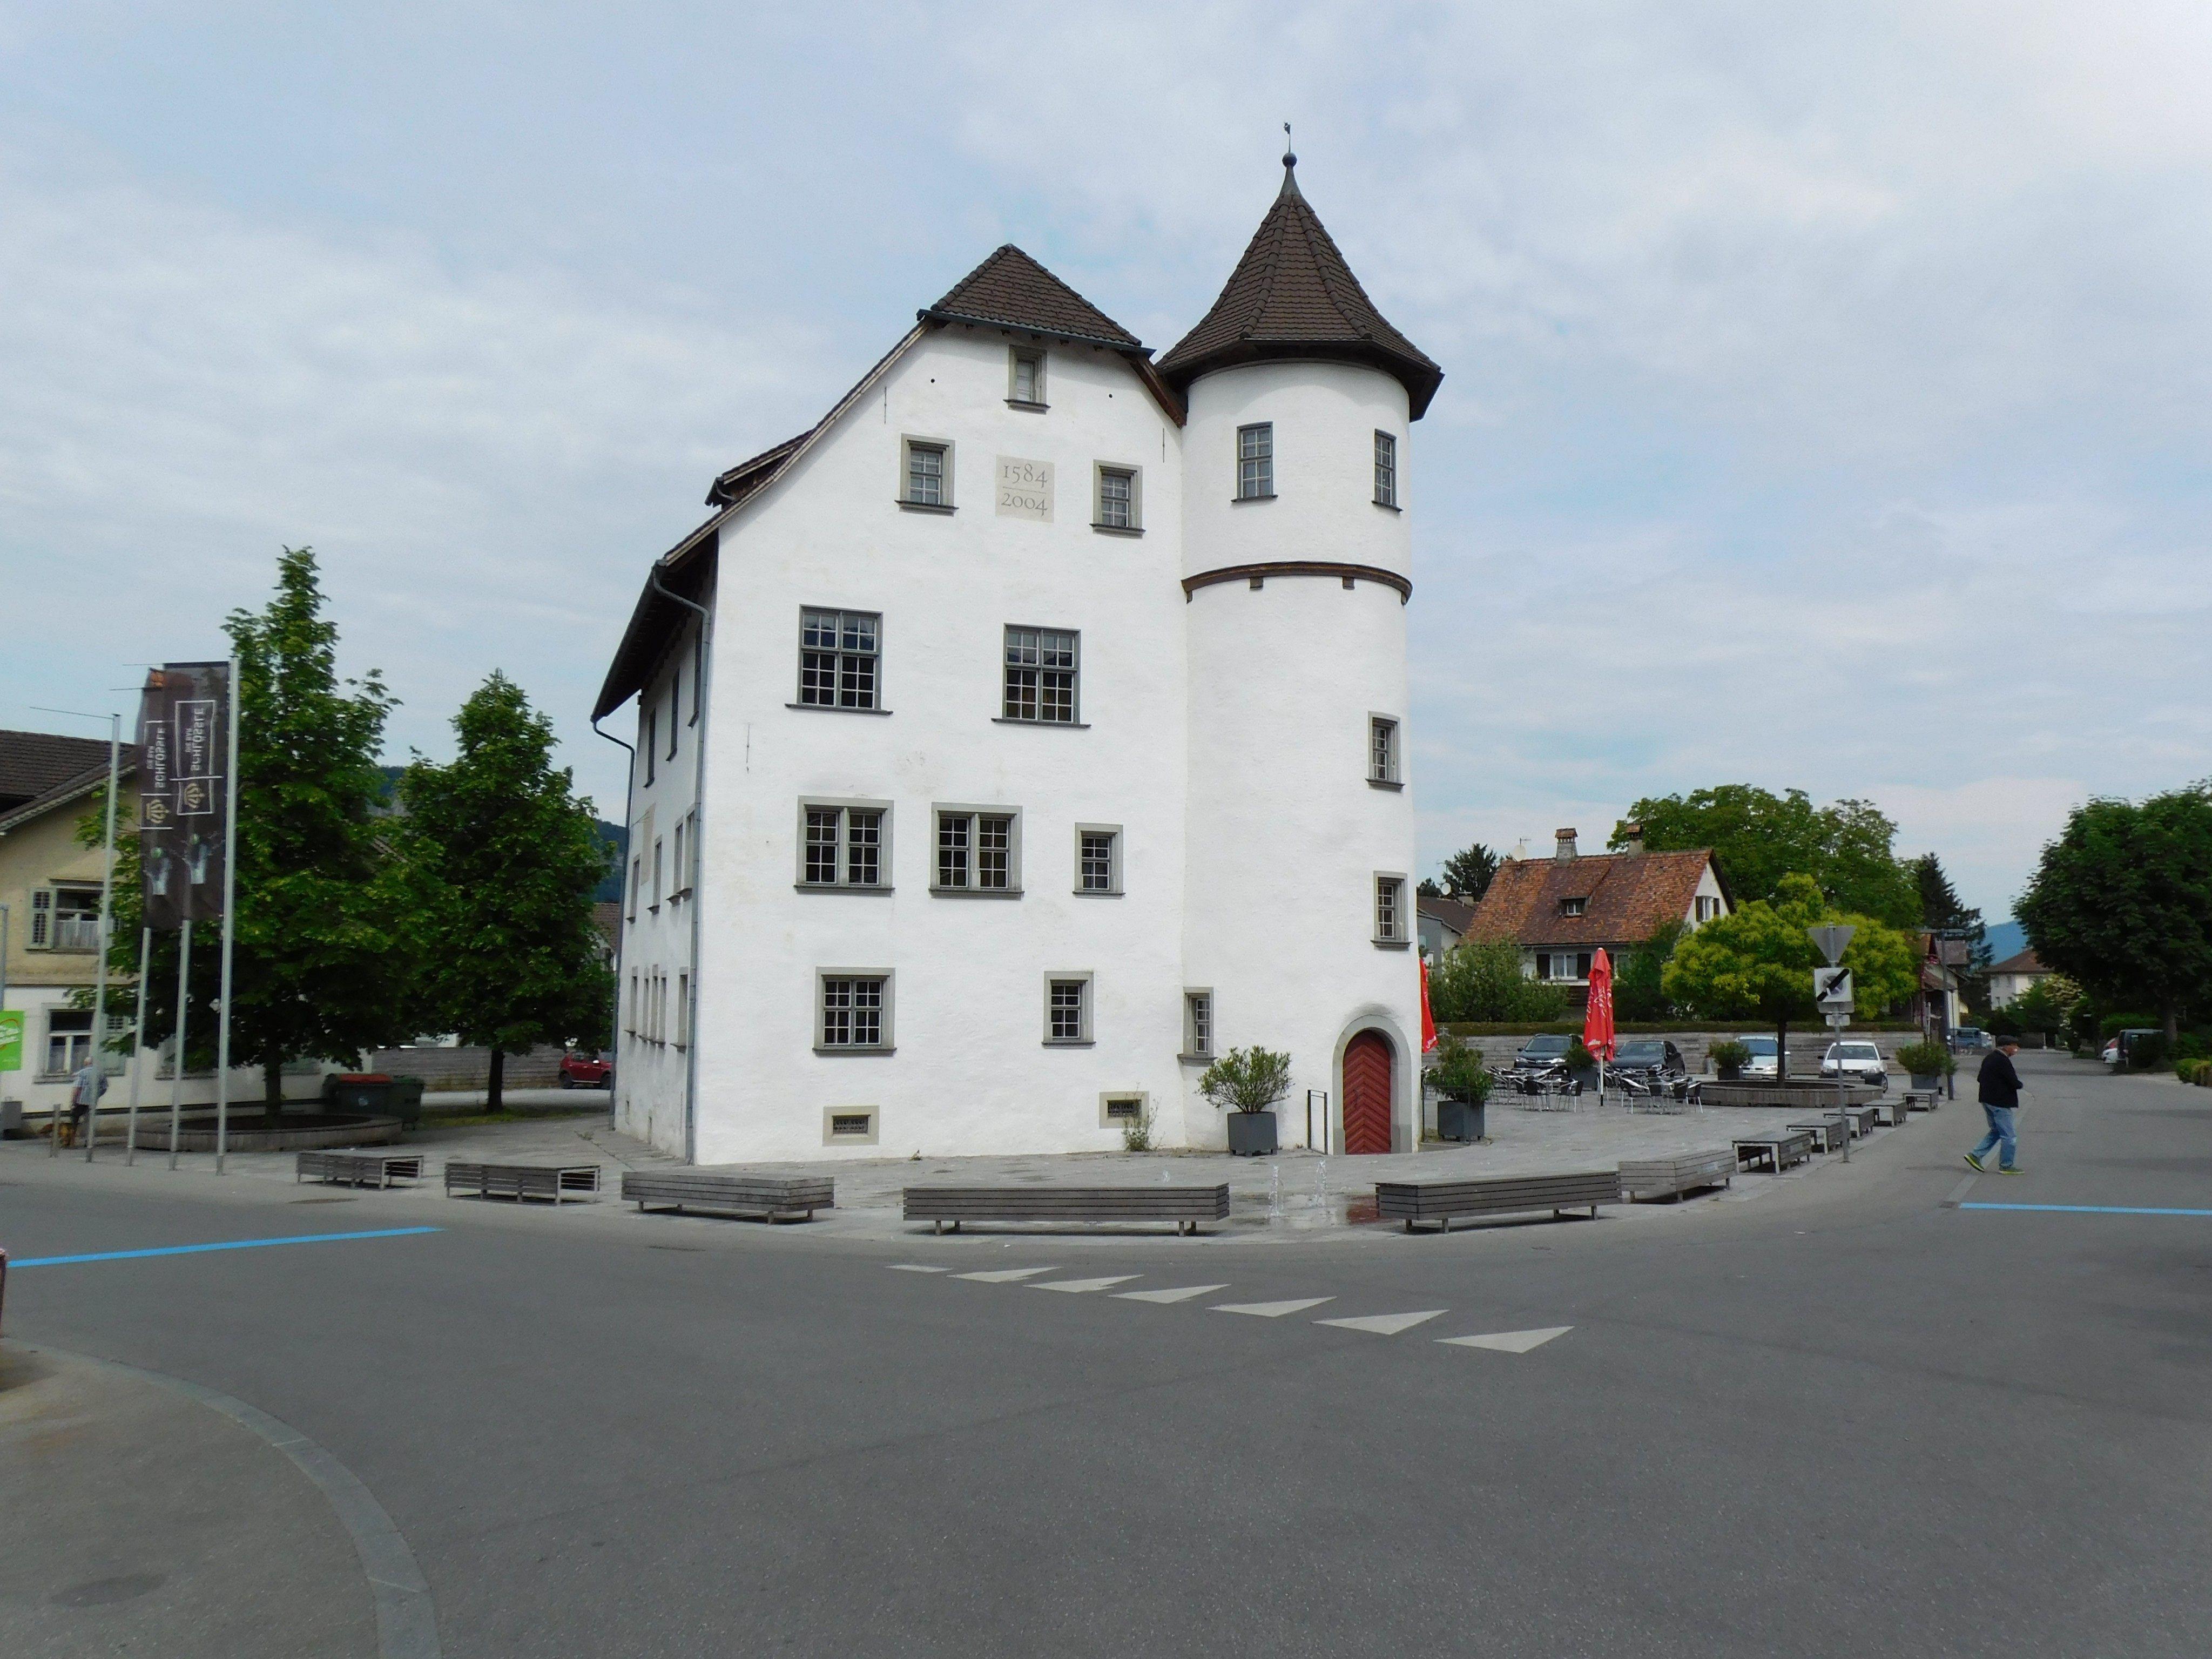 Singles Gtzis, Kontaktanzeigen aus Gtzis bei Vorarlberg bei